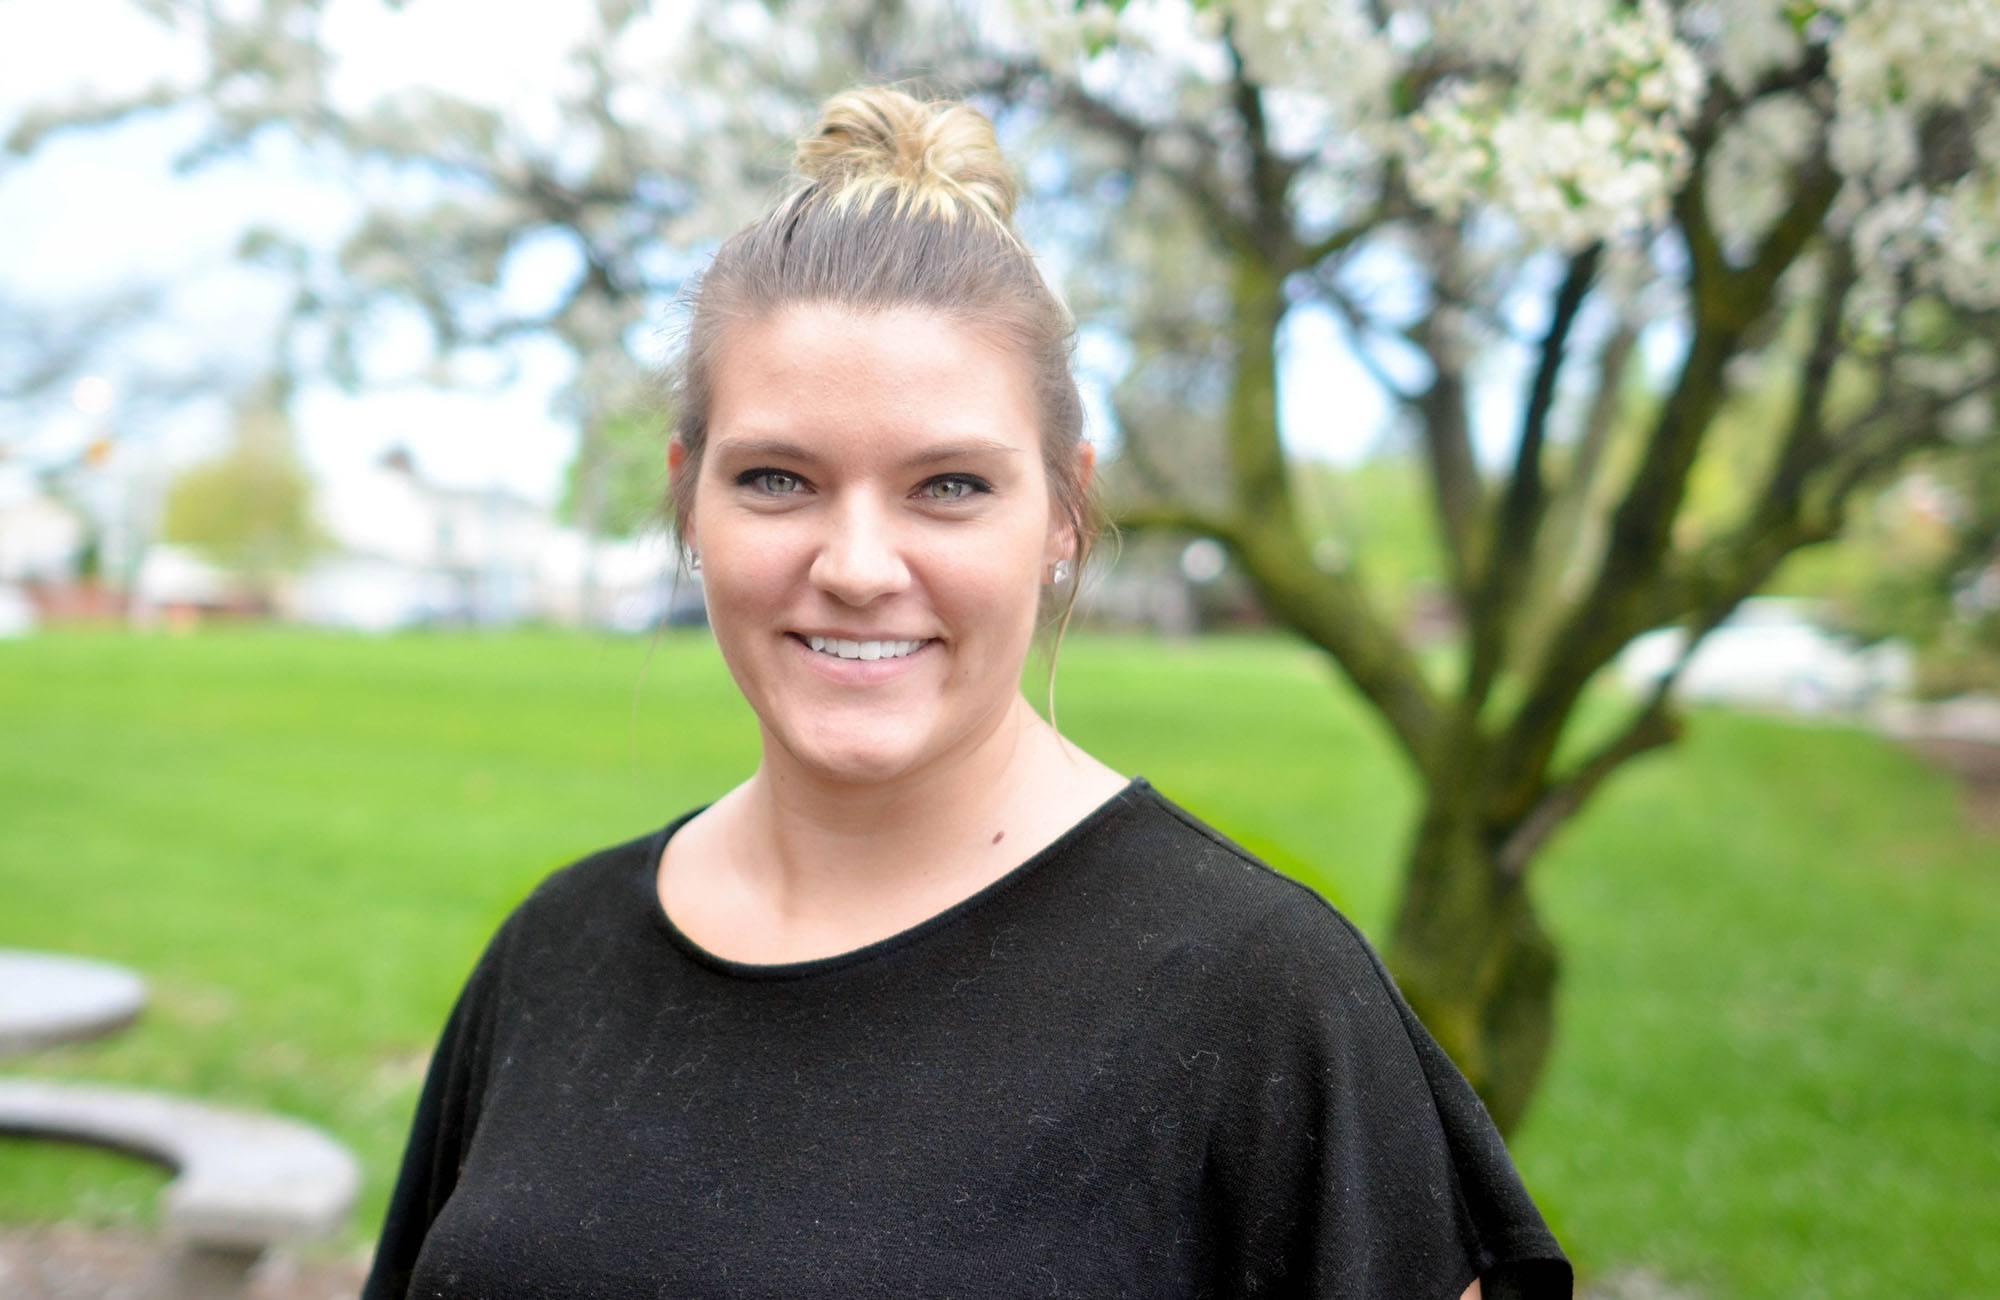 Caitlin Lukasik, Occupational Therapist & Fieldwork Coordinator